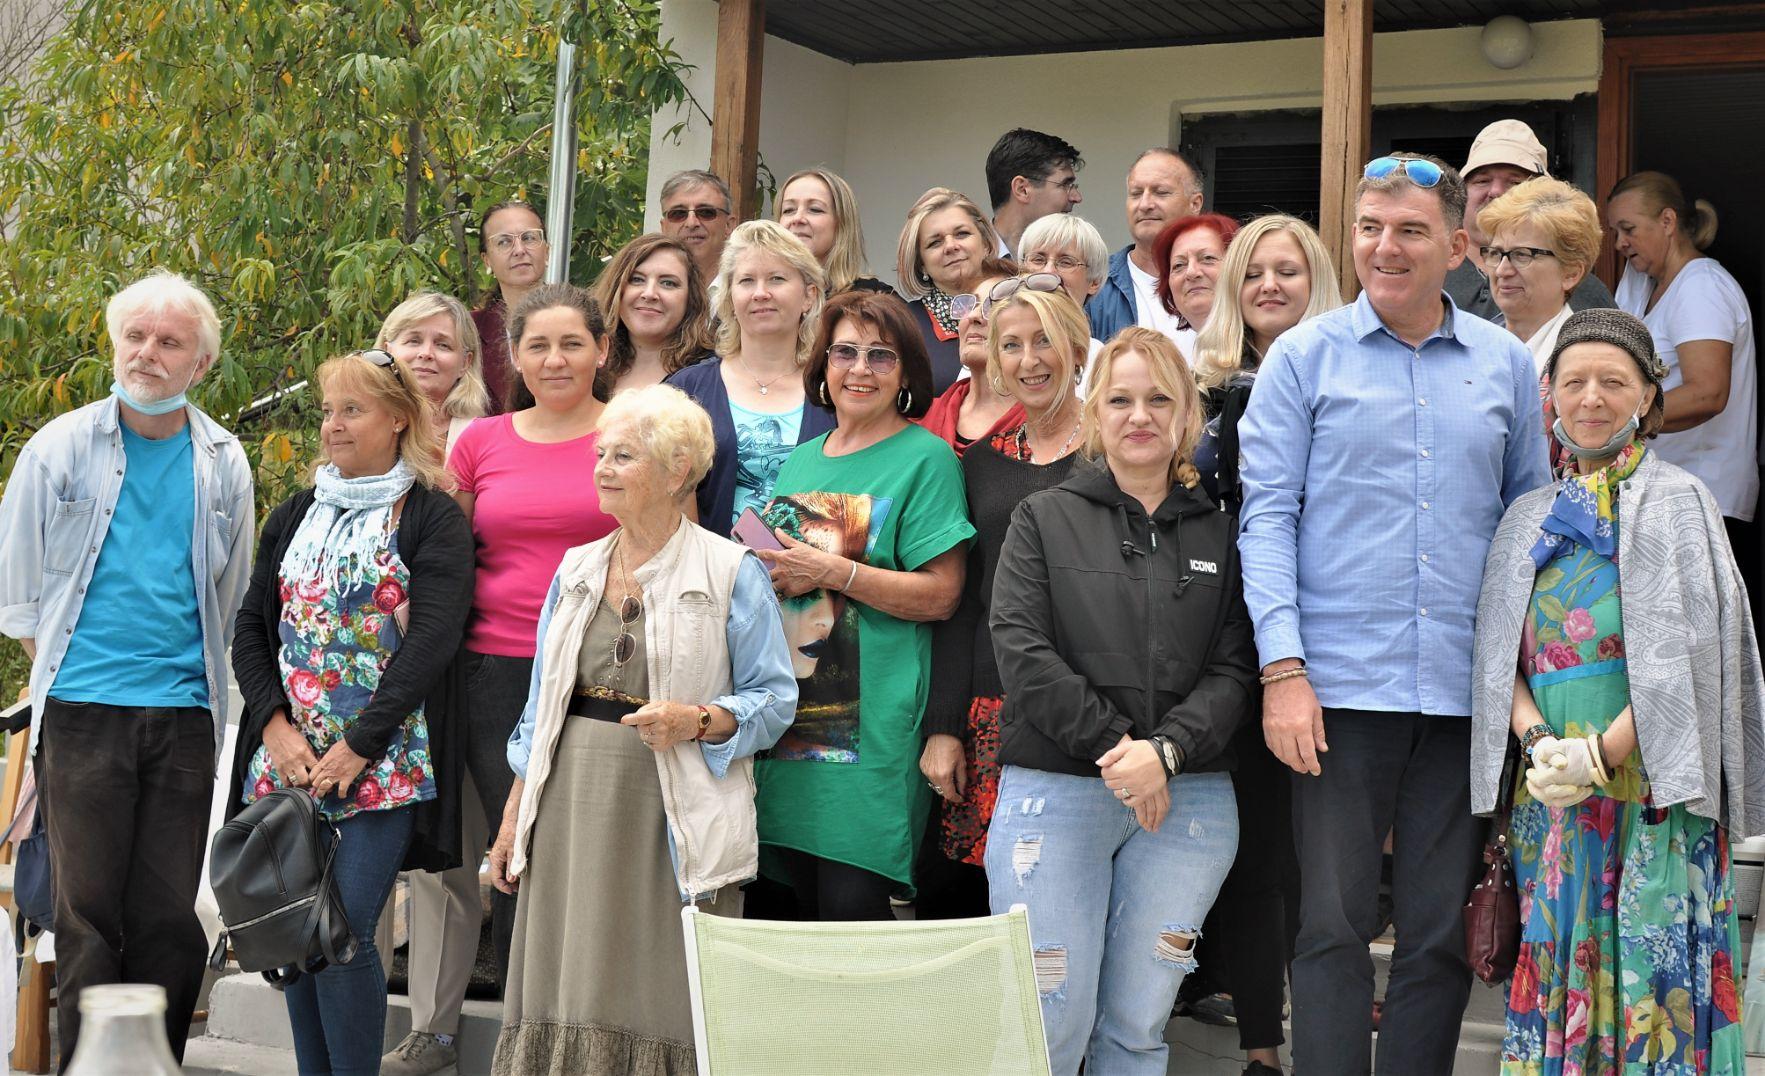 Održana tradicionalna likovna kolonija HKLD-a u Vukomeričkim goricama – Dubranec